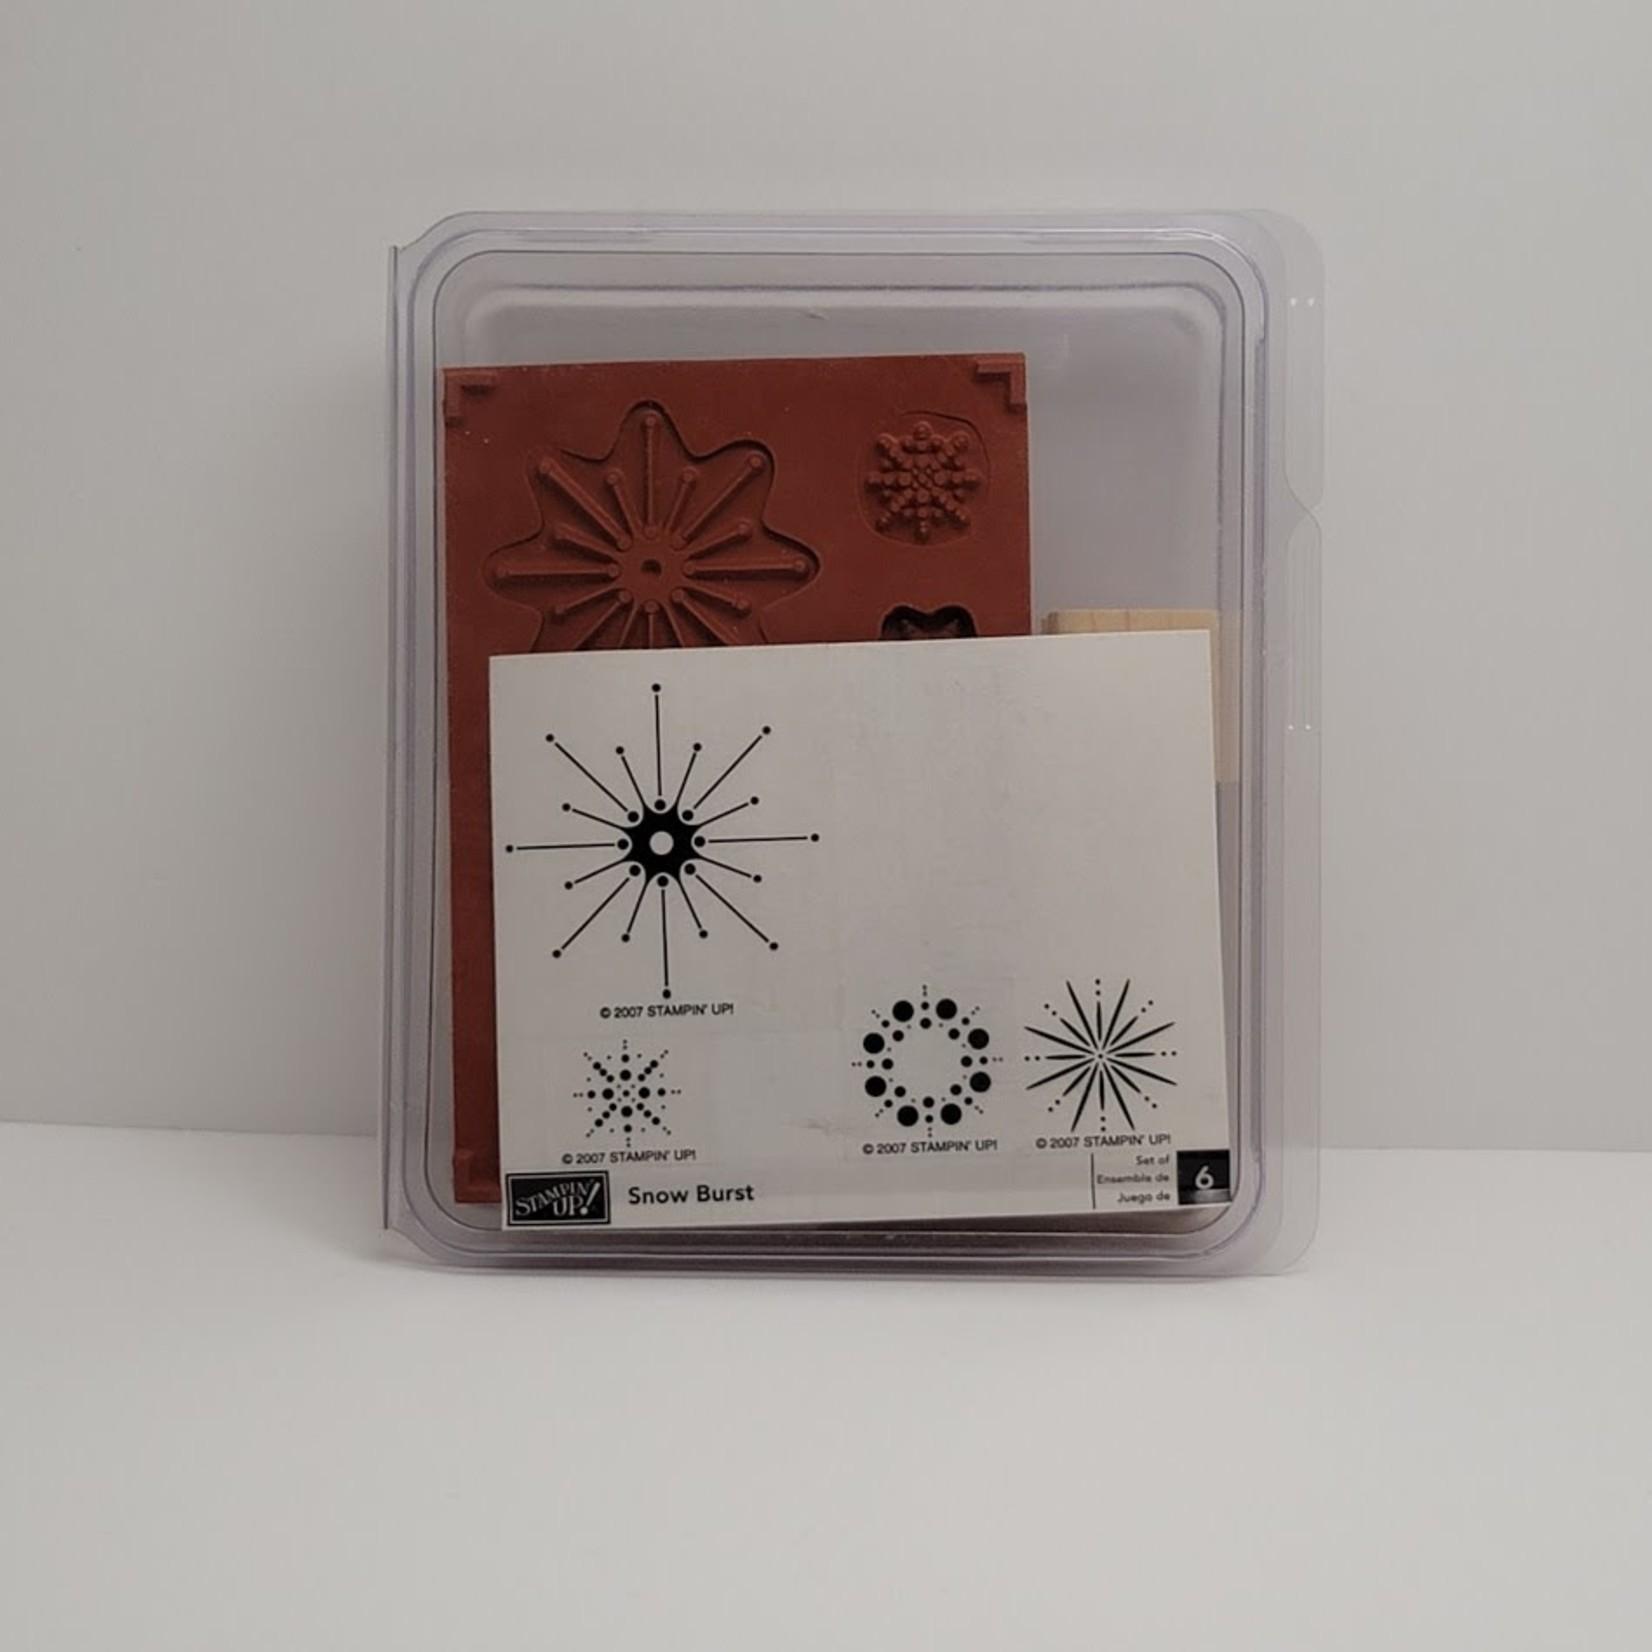 Stampin' Up Stampin' Up - Wooden Stamp Set - Snow Burst